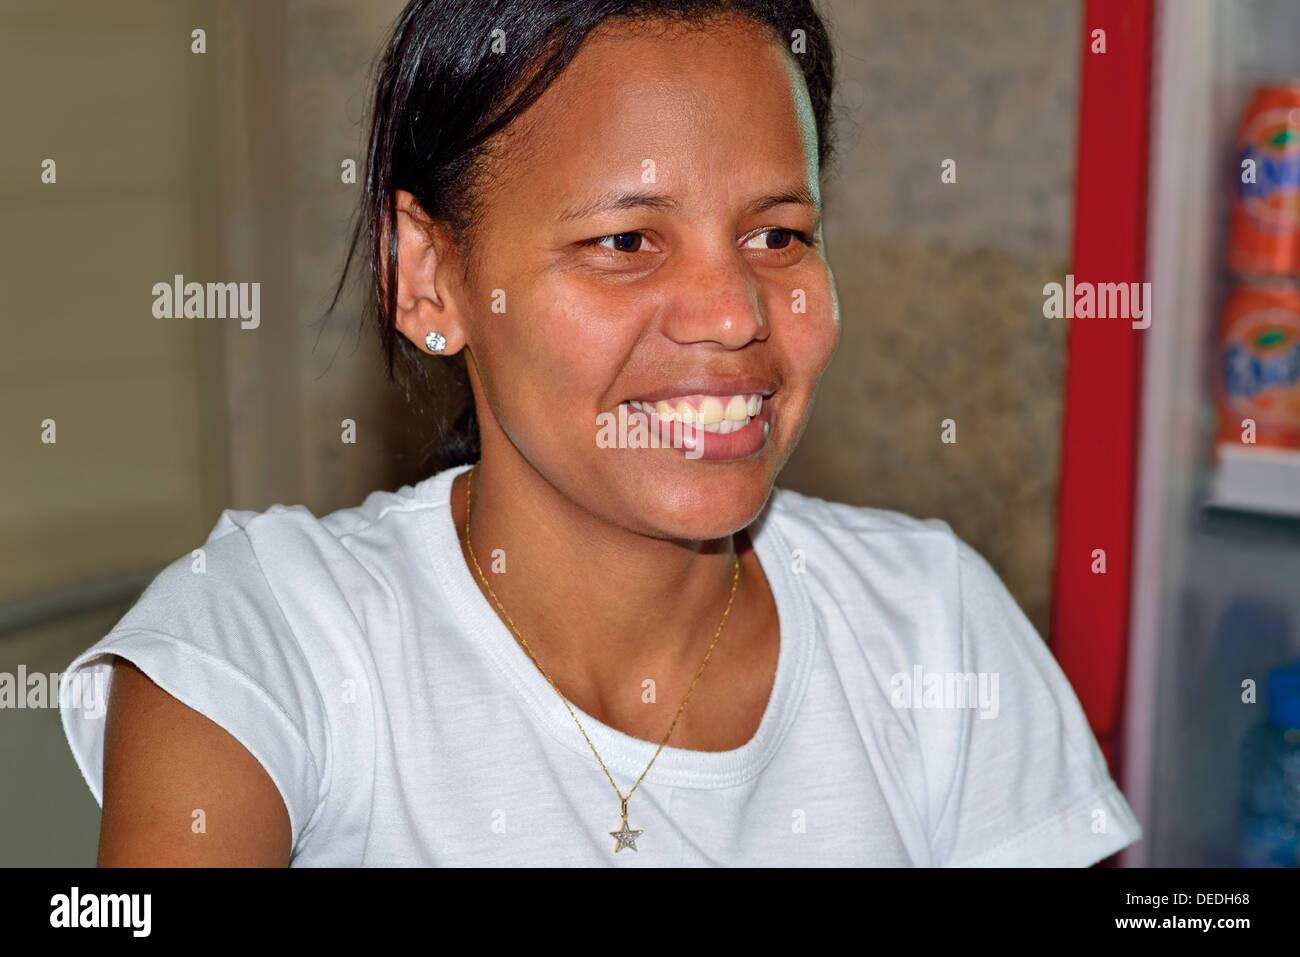 Brasil, el Pantanal: Ana Benedita es el jefe del servicio del restaurante en la Pousada Piuval Imagen De Stock